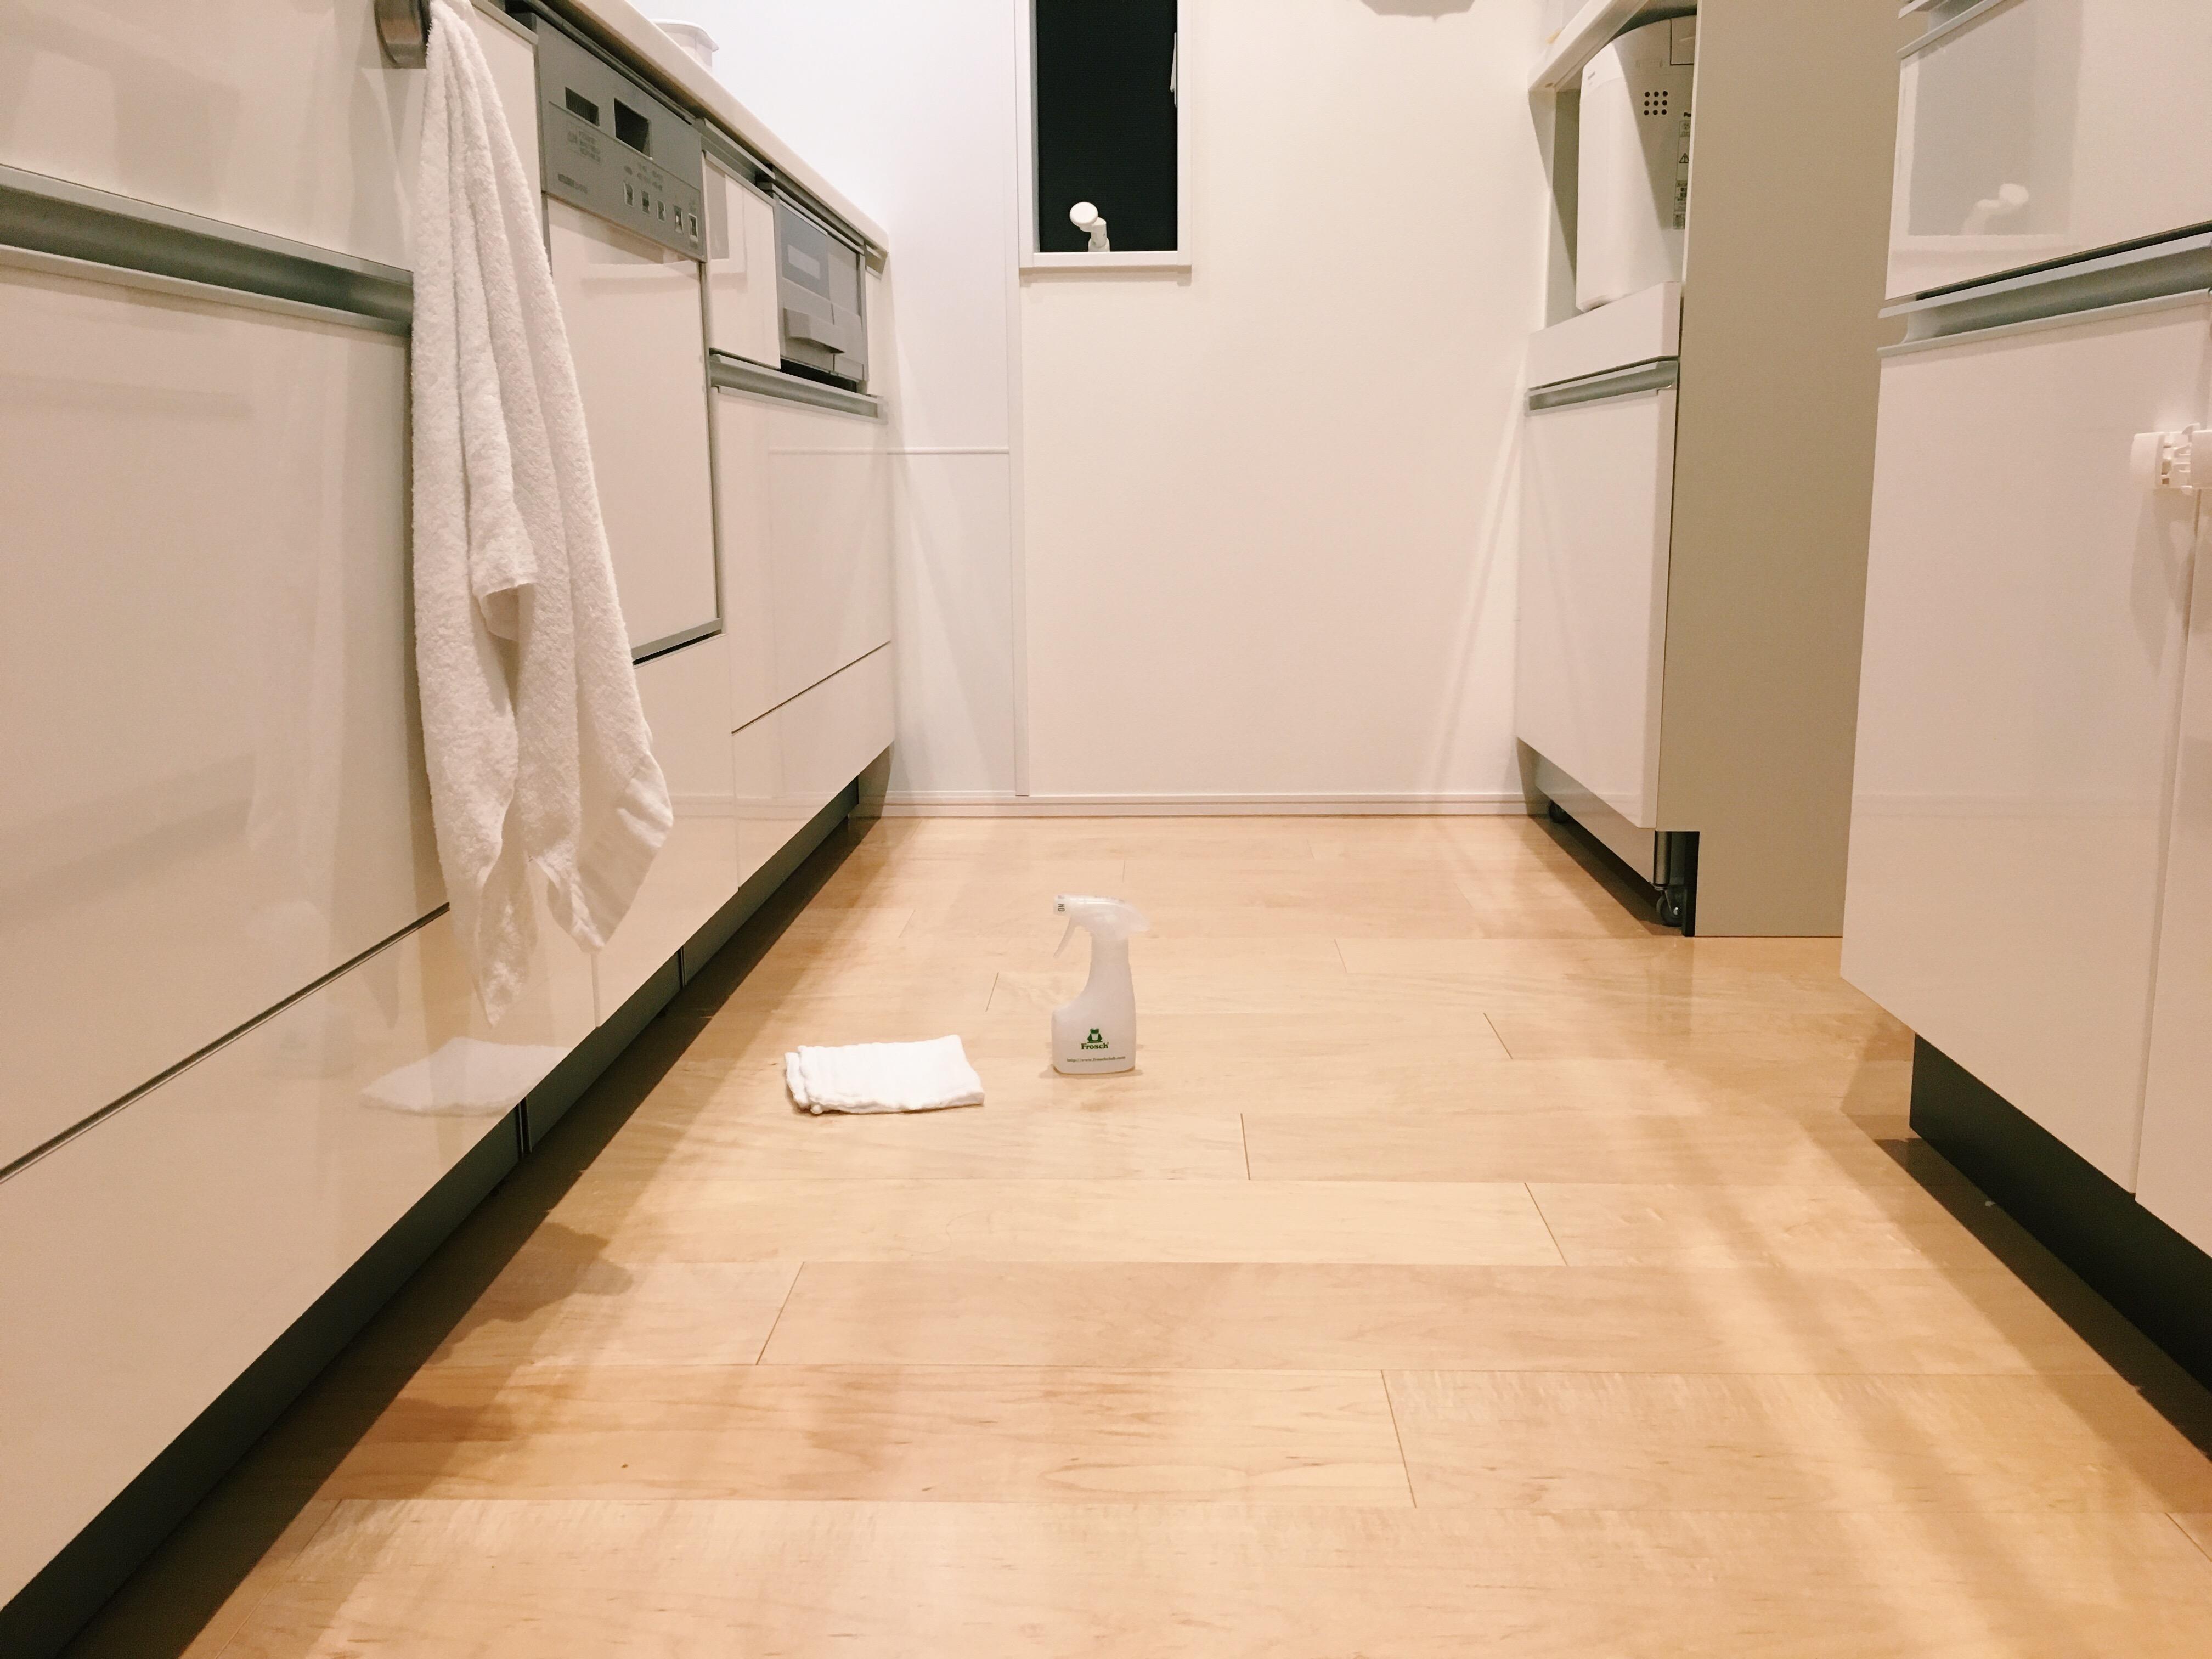 キッチンの床に、セスキ水のスプレーと台拭きが置かれています。